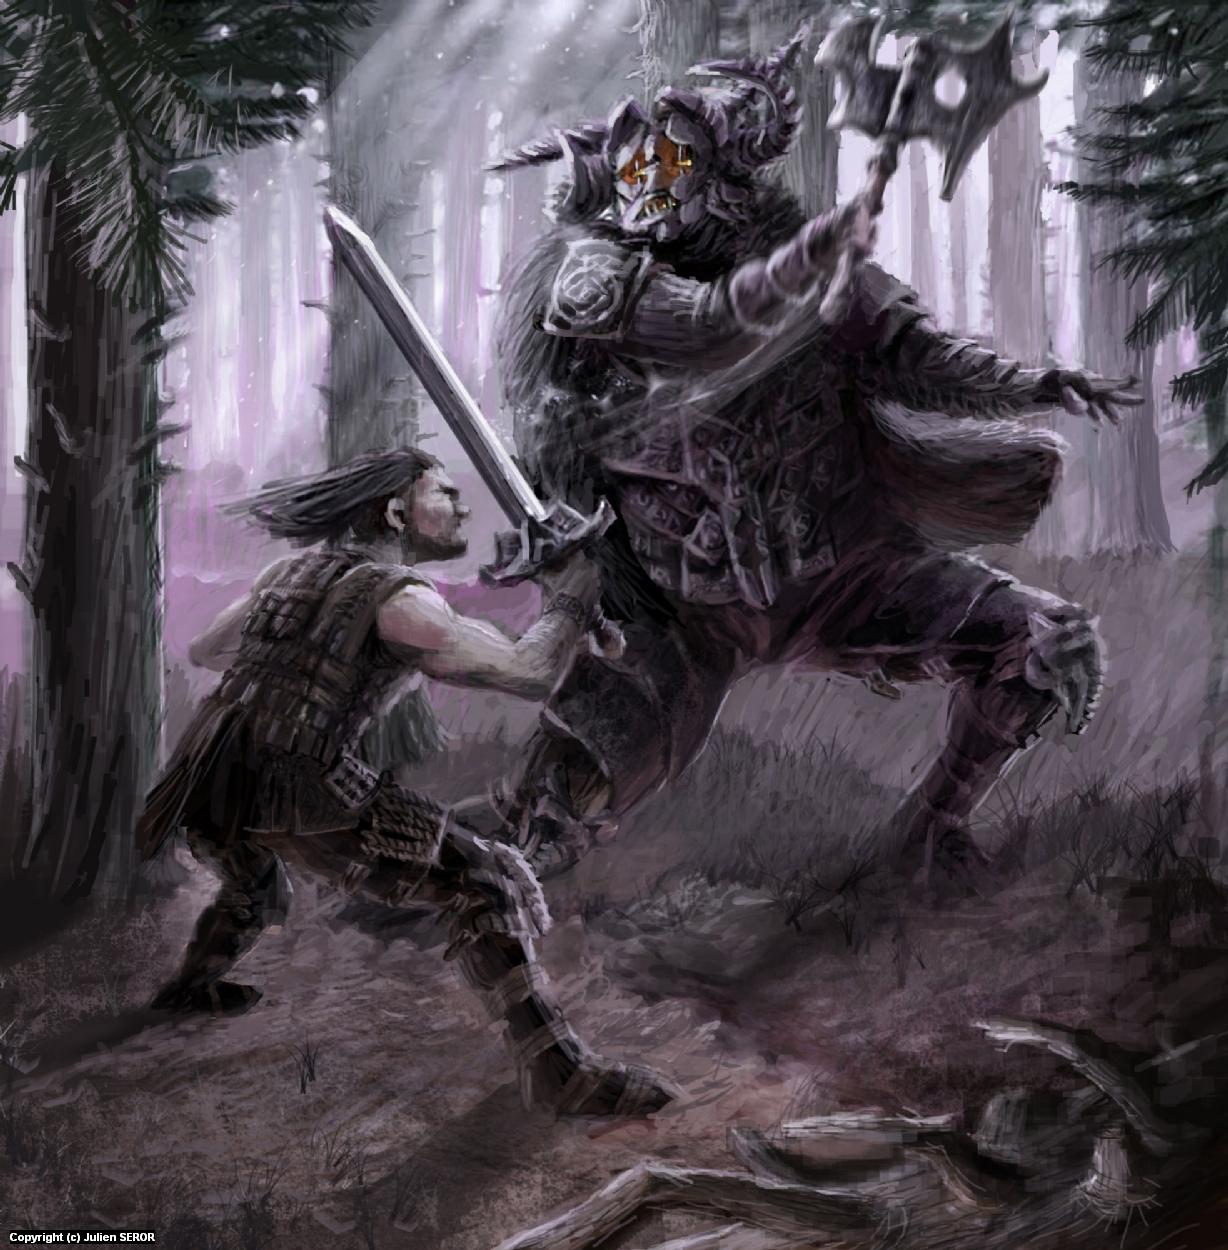 Fight in Forest Artwork by Julien SEROR